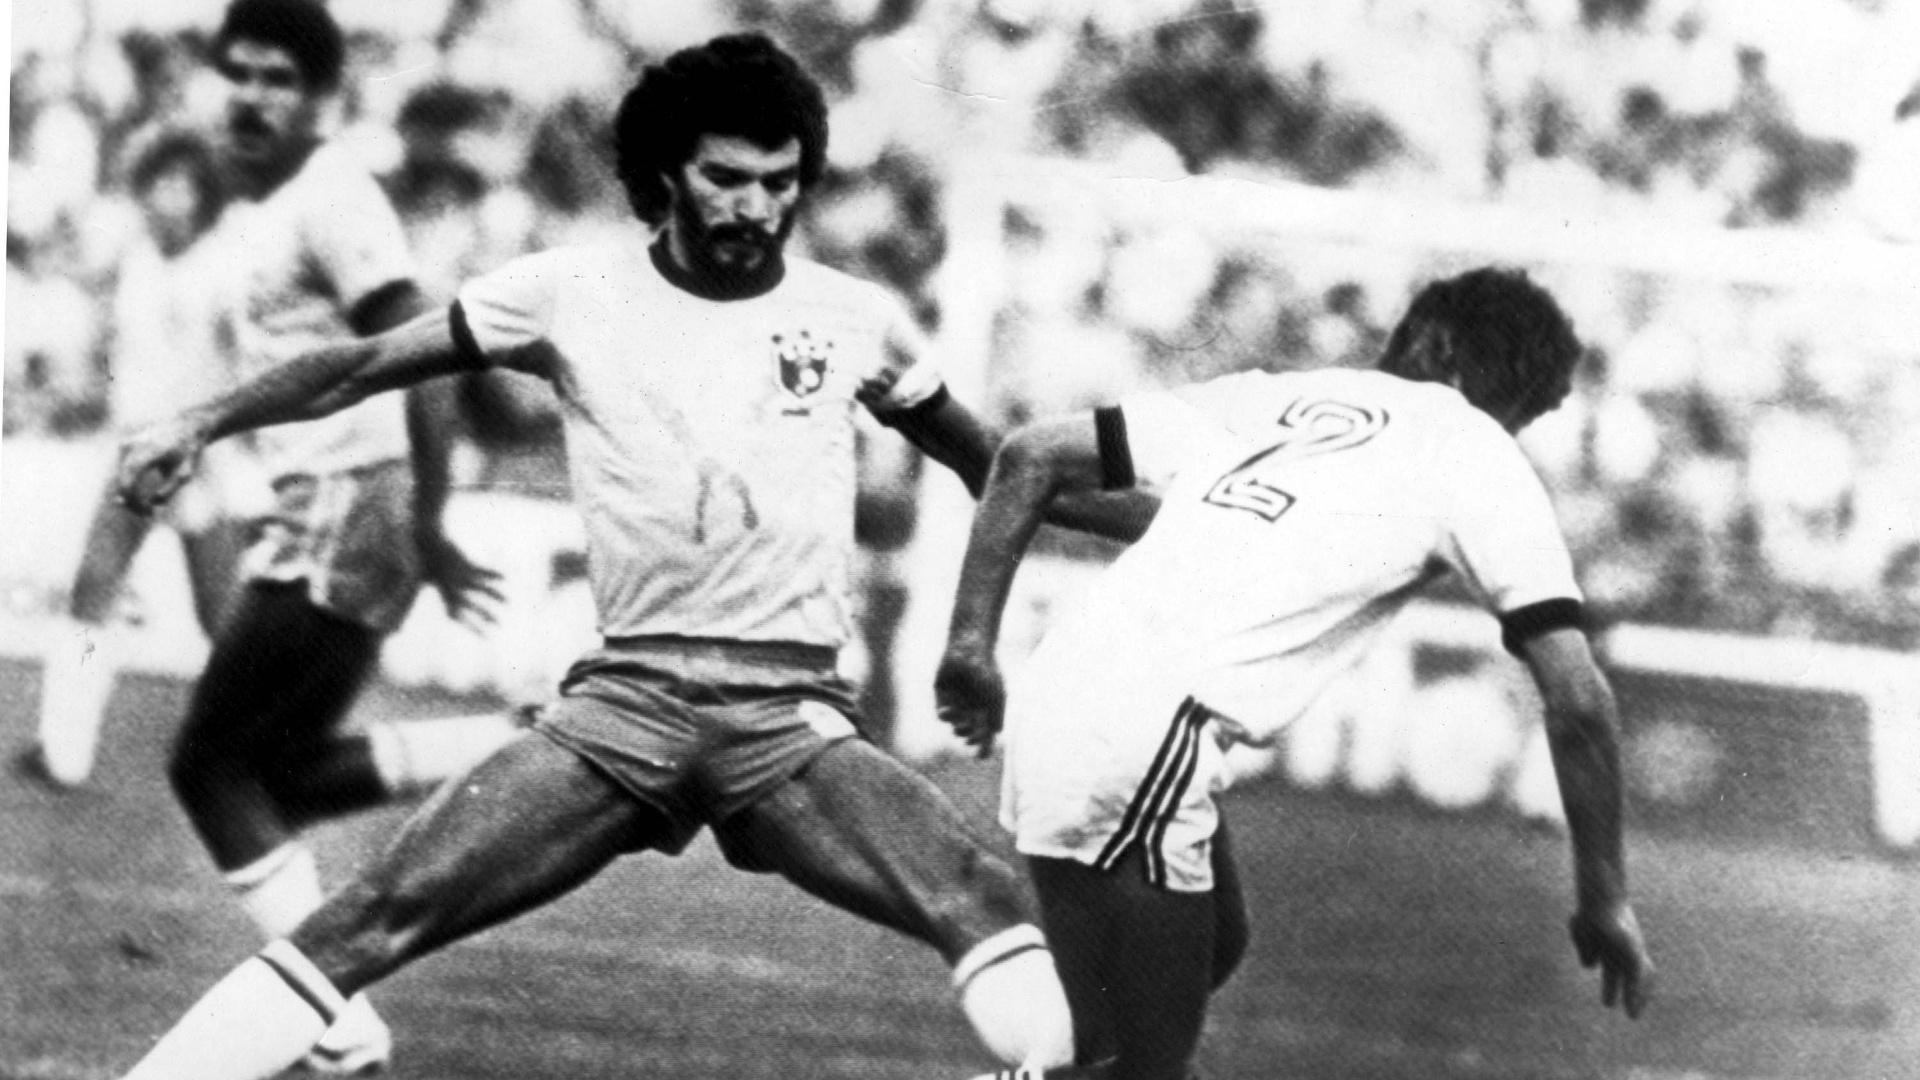 Sócrates, capitão da seleção brasileira, tenta marcar um jogador da Nova Zelândia, pela primeira fase da Copa do Mundo de 1982